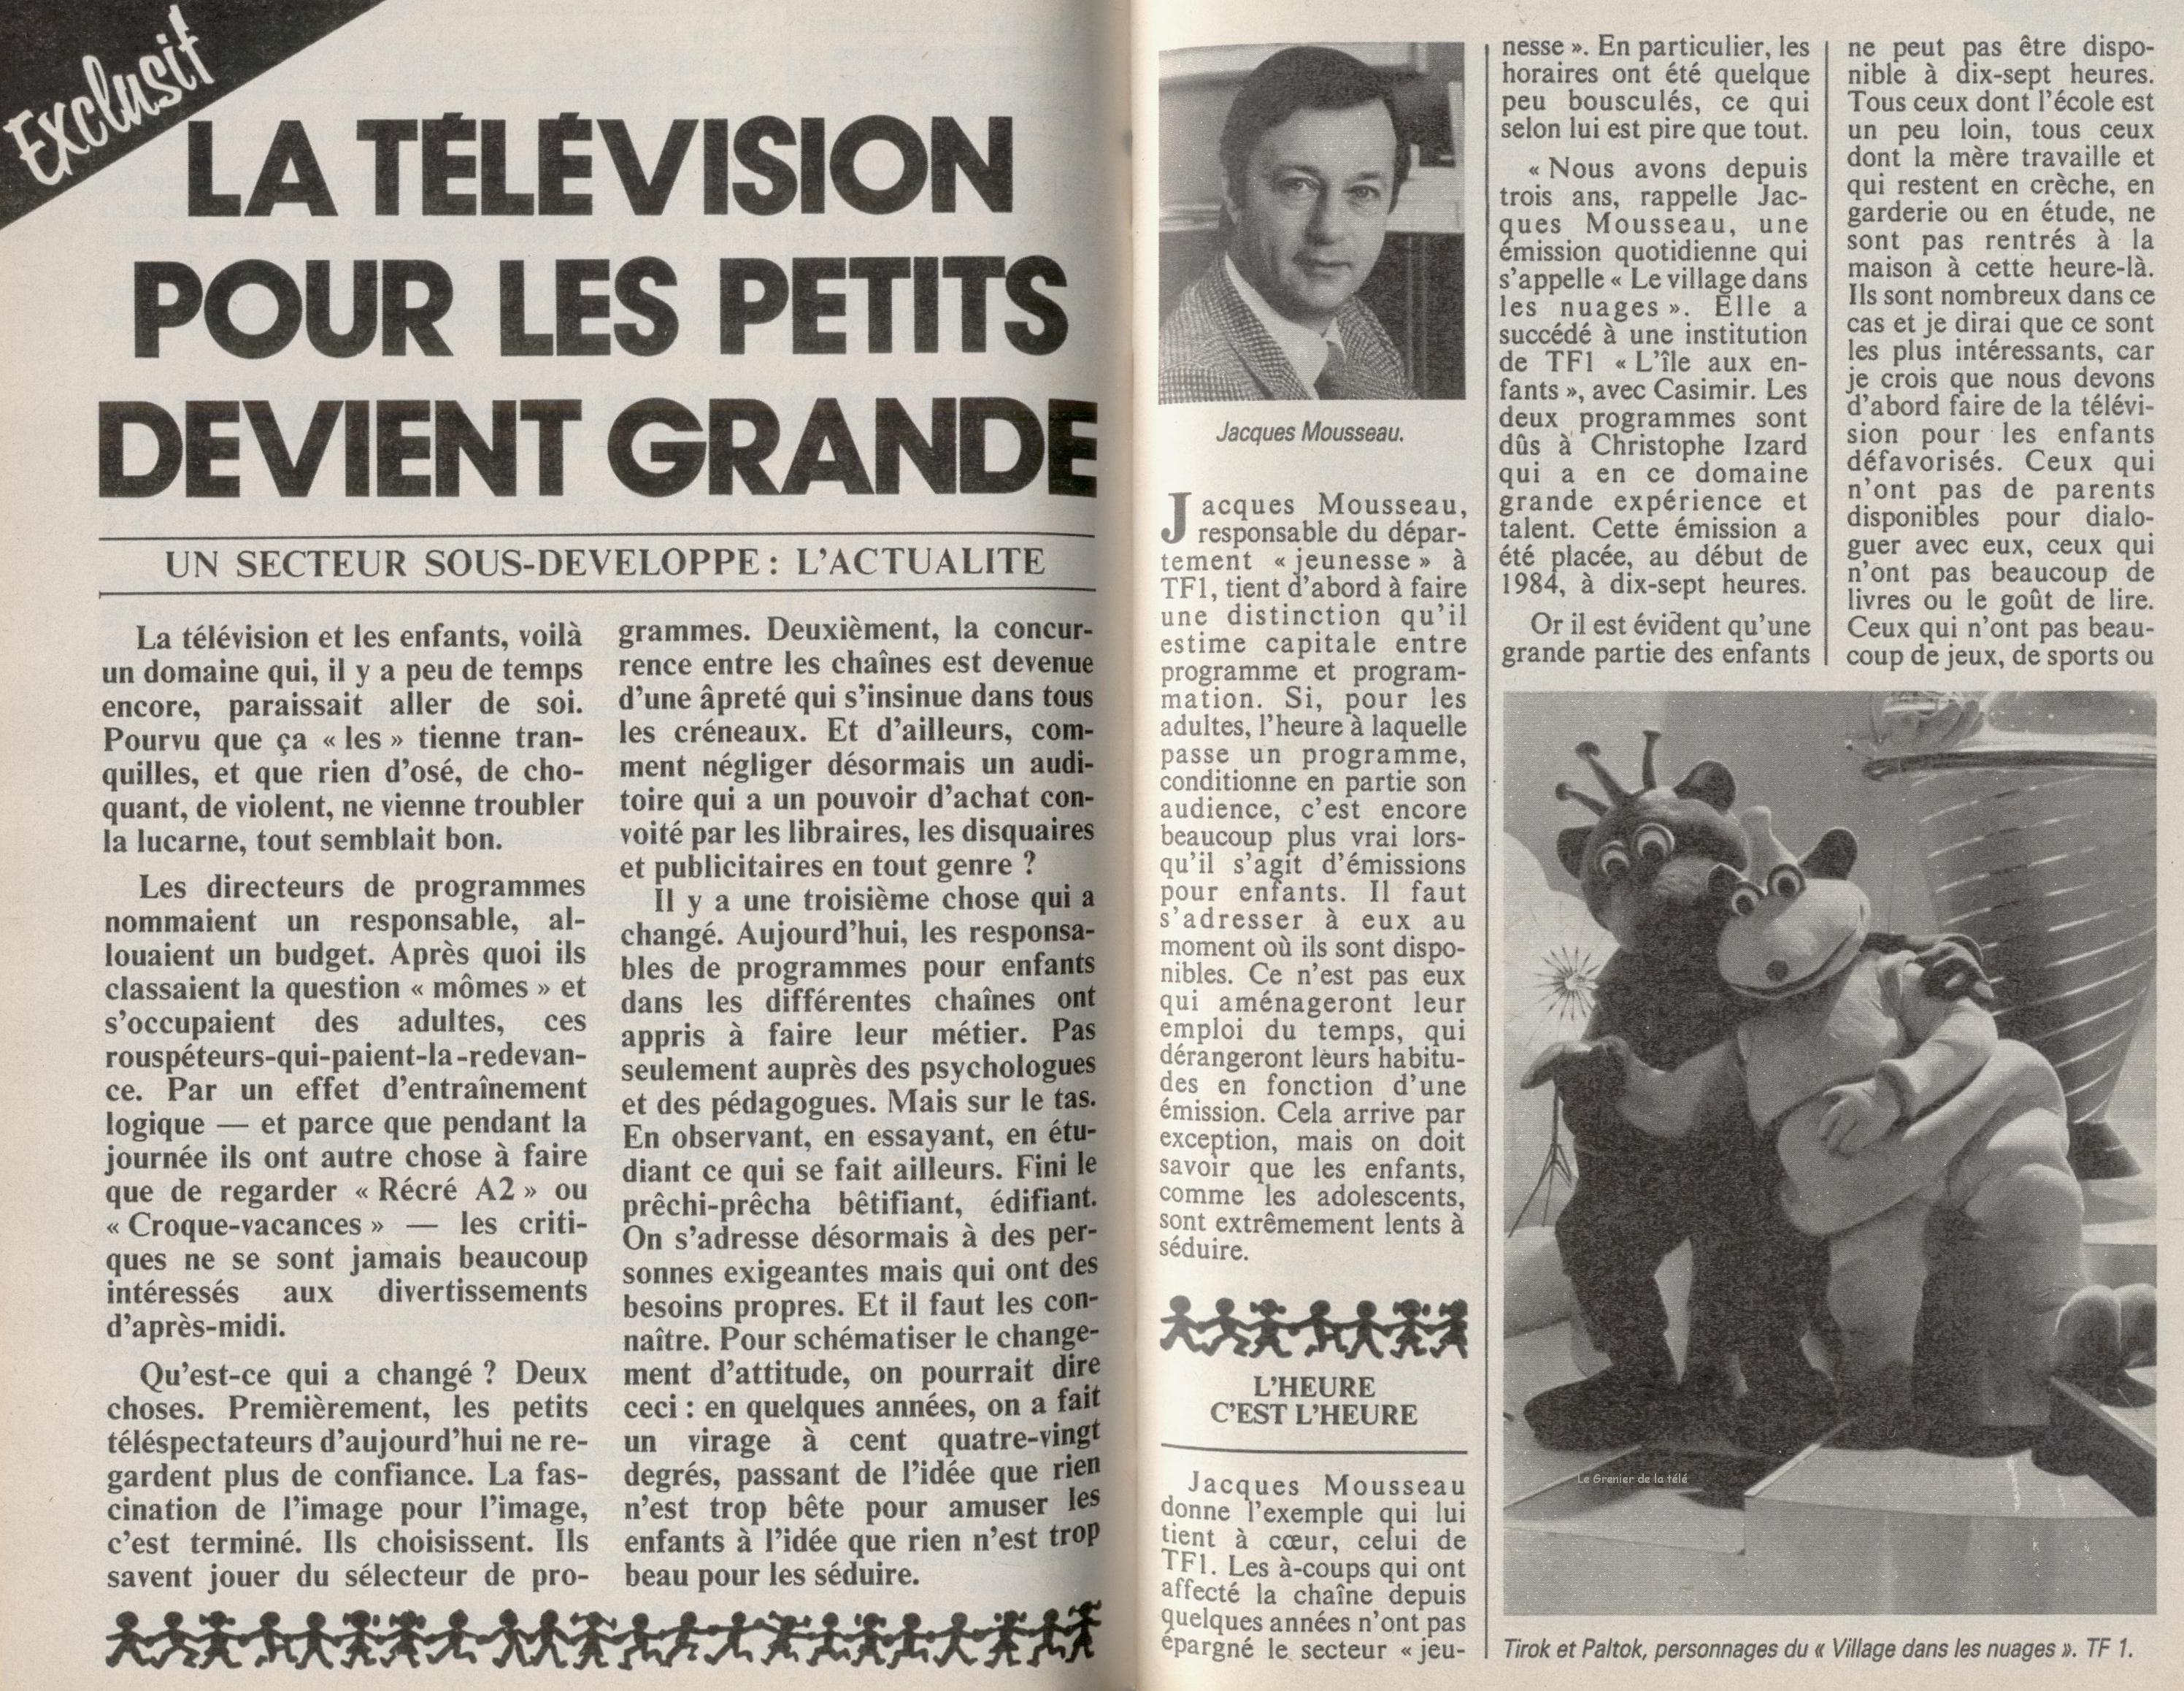 http://grenierdelatv.free.fr/lesenfantsetlateletp975oct198402.jpg